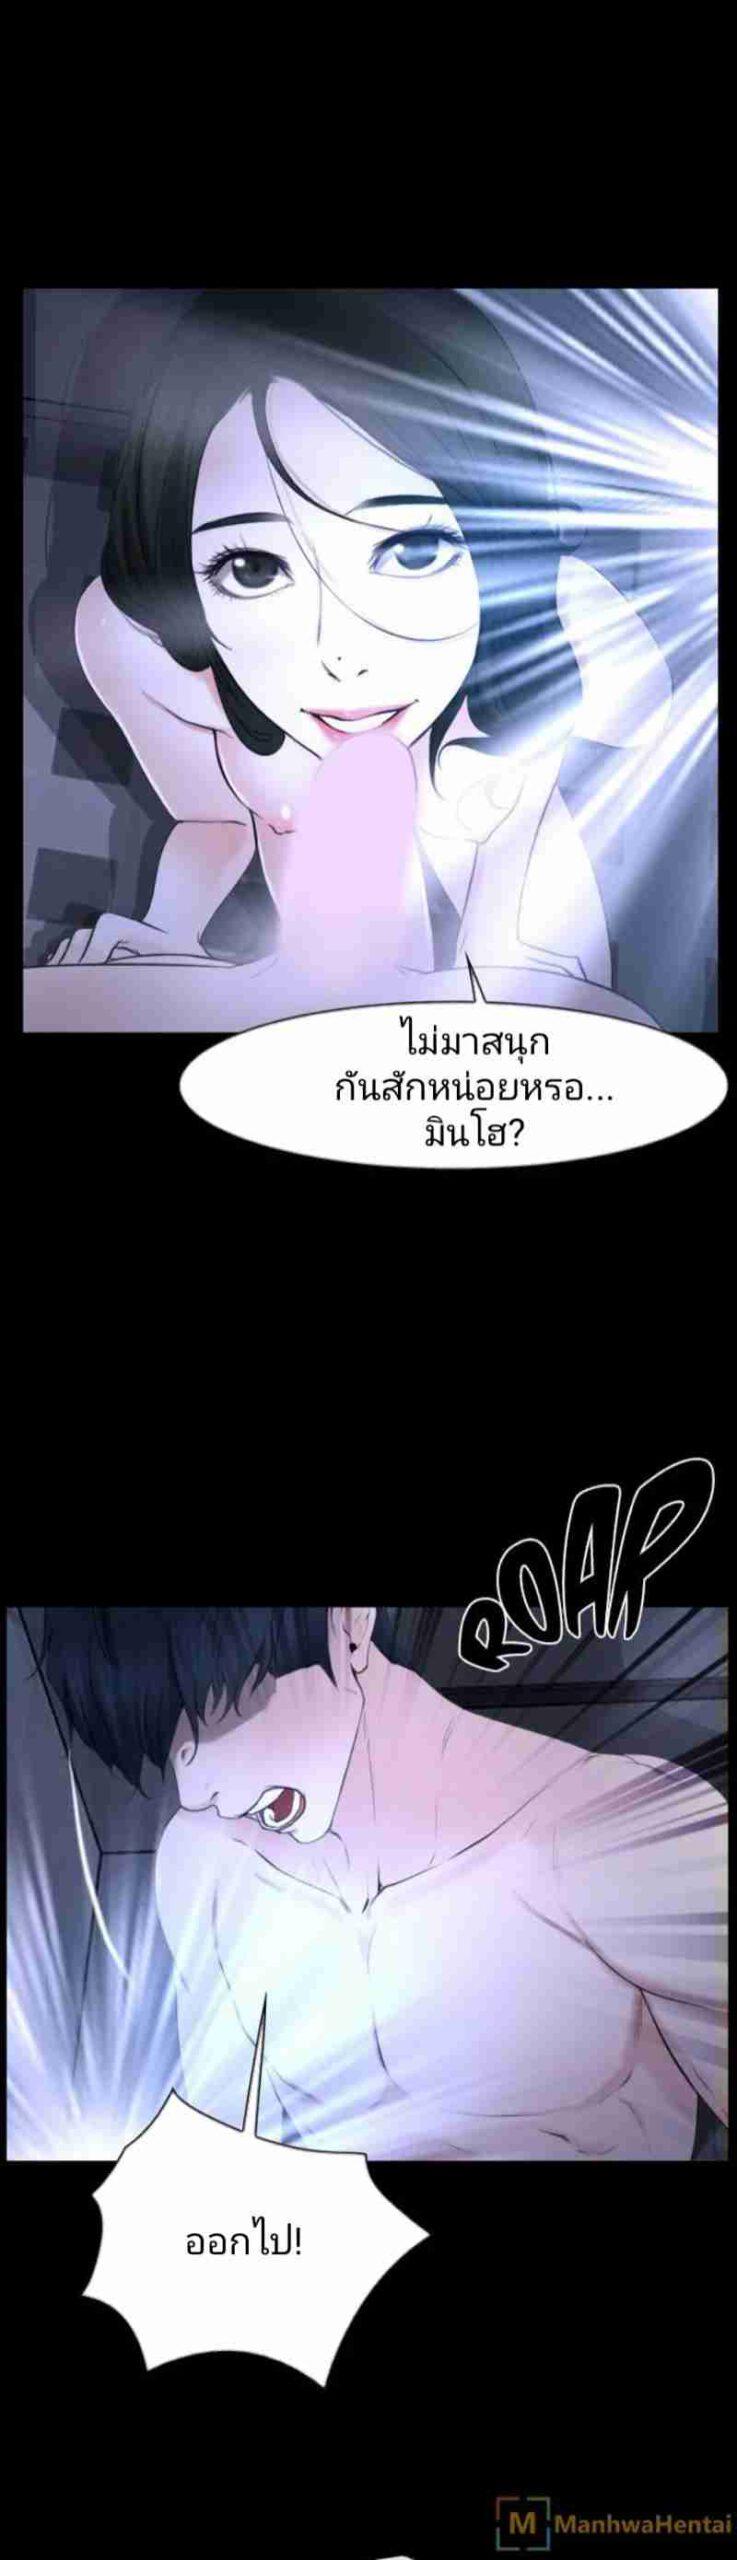 โดจิน Doujin ความรู้สึกที่ซ่อนอยู่ในใจ(21)10